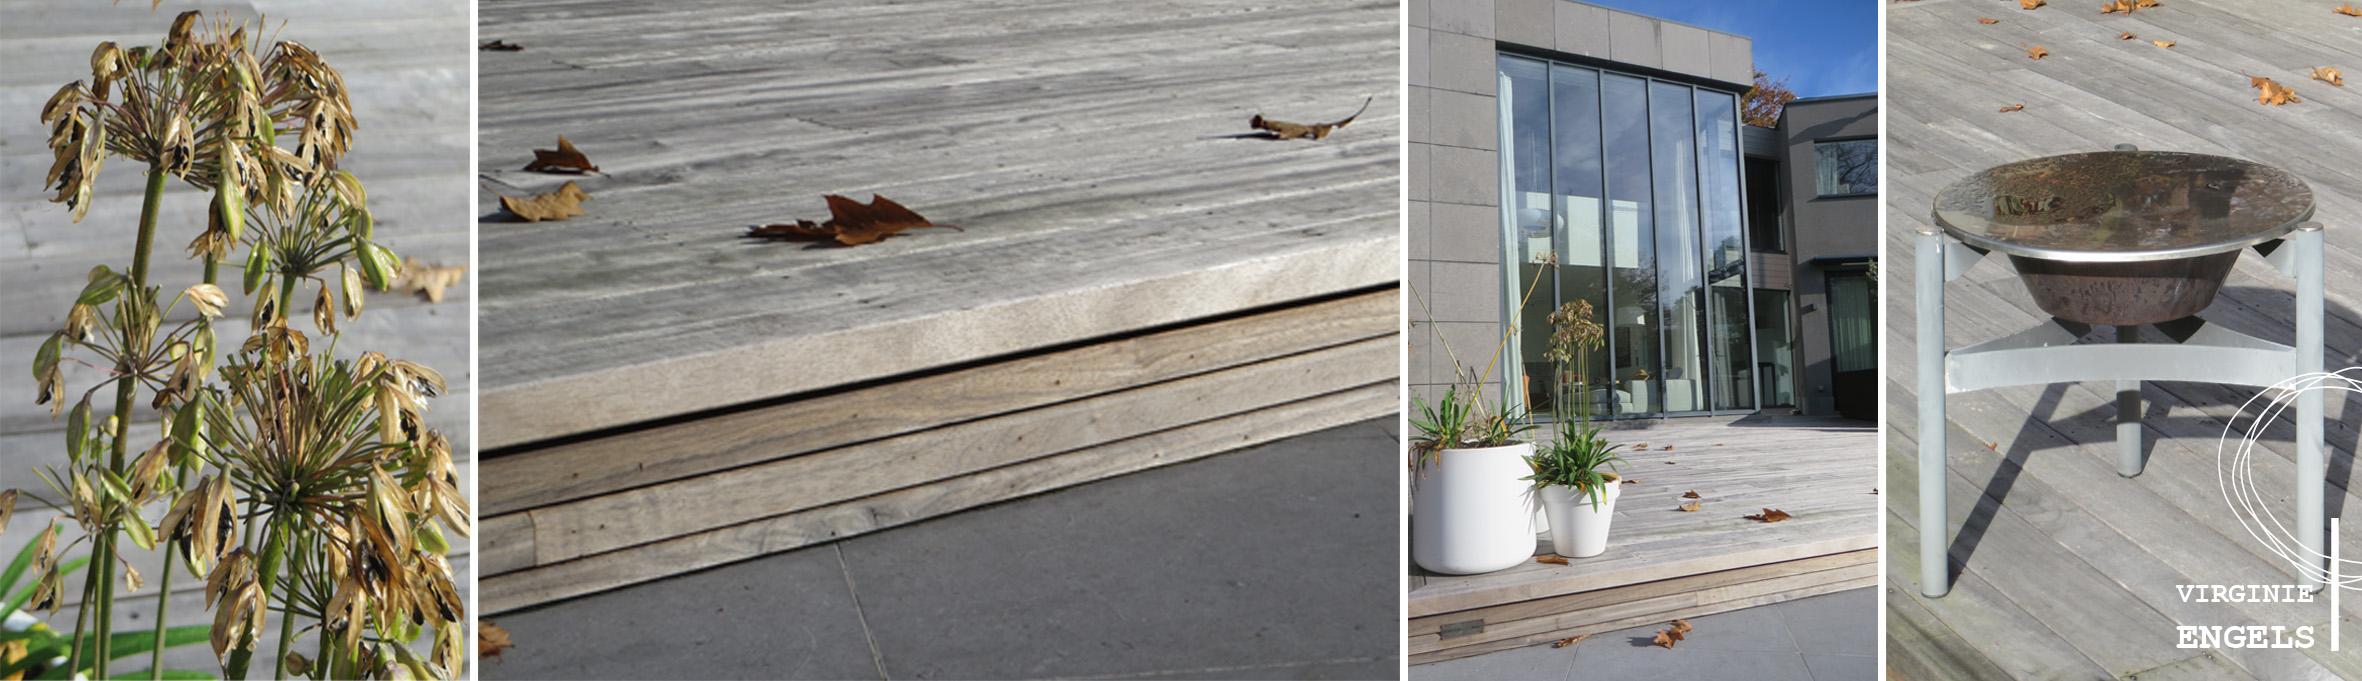 Moderne tuin met zwembad te brasschaat - Omgeving zwembad ontwerp ...